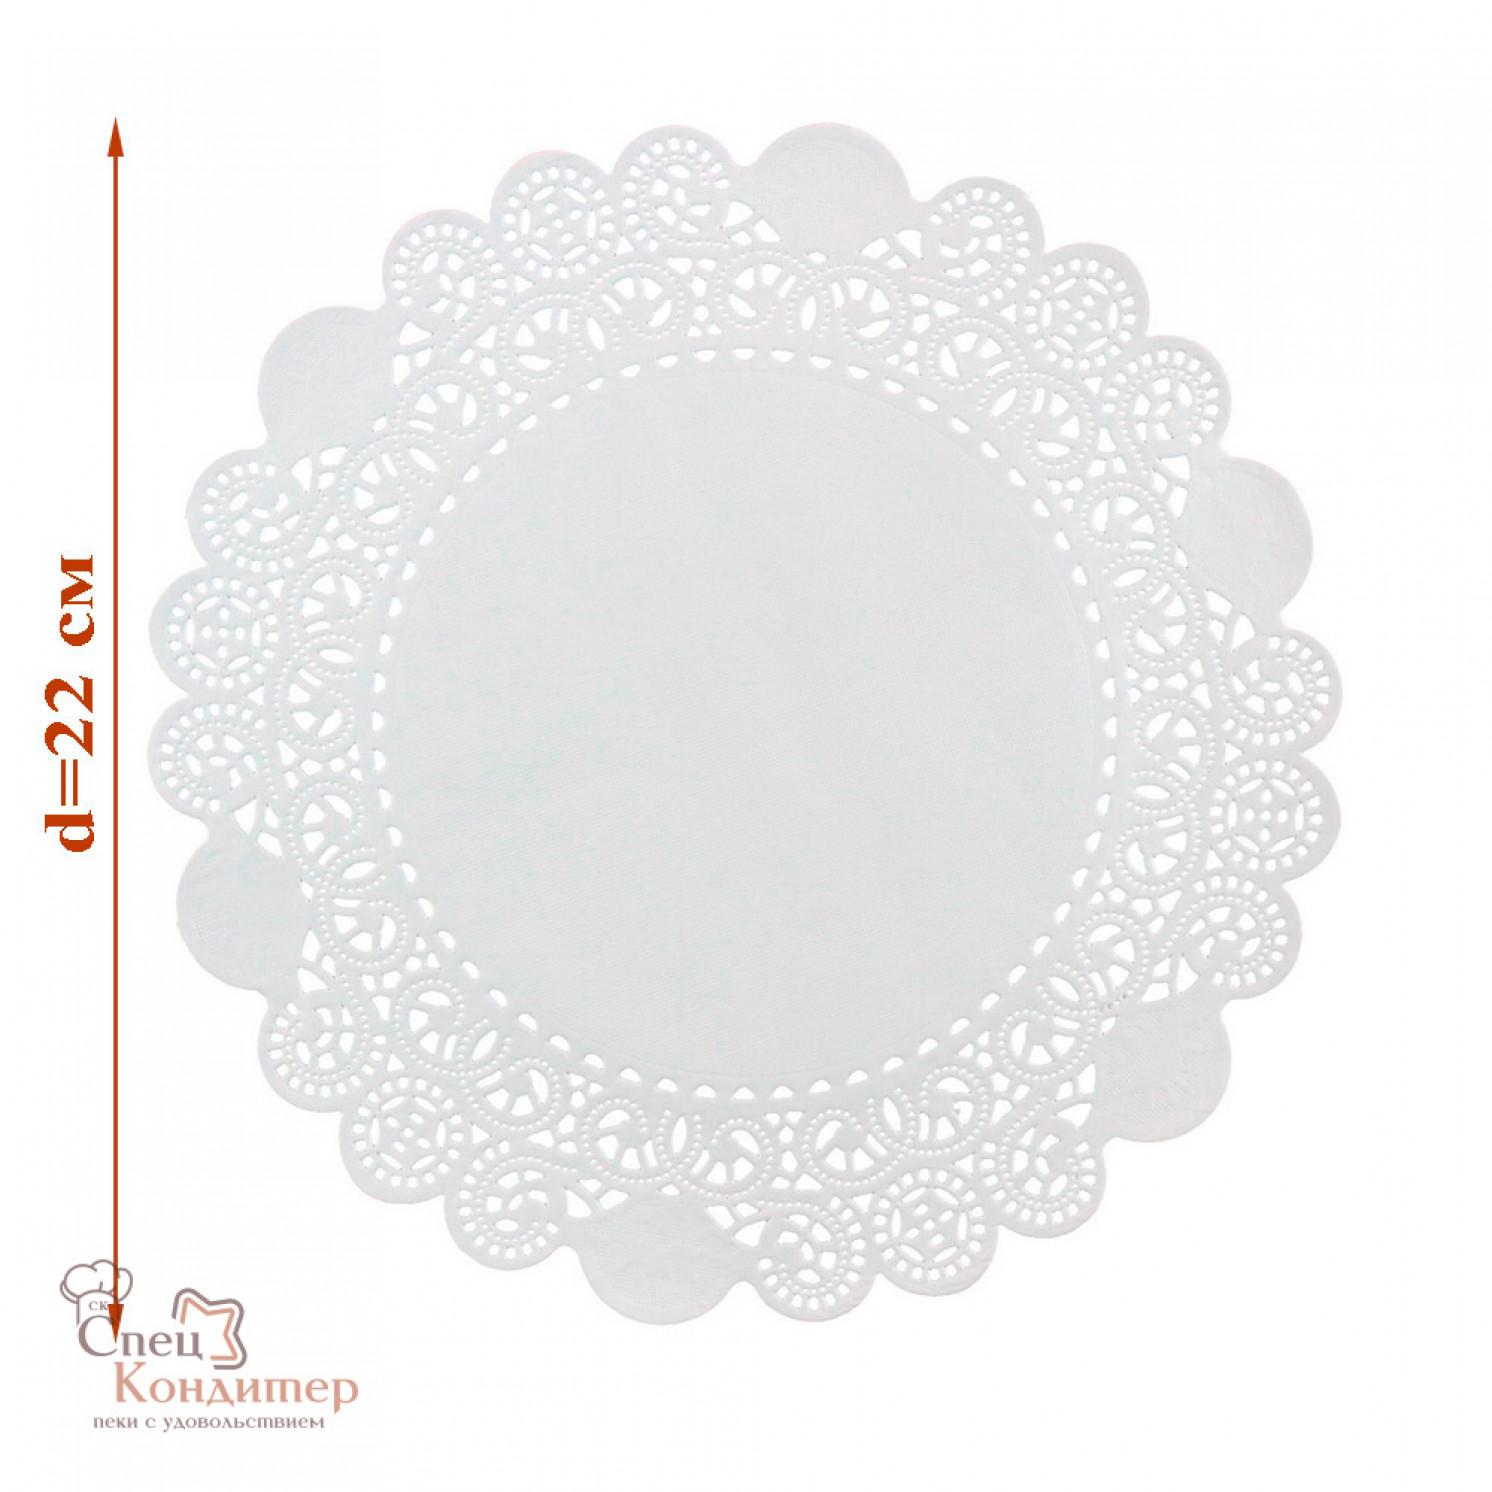 Ажурные салфетки для торта, бумажные, белые, d 22 см, 50 шт/уп